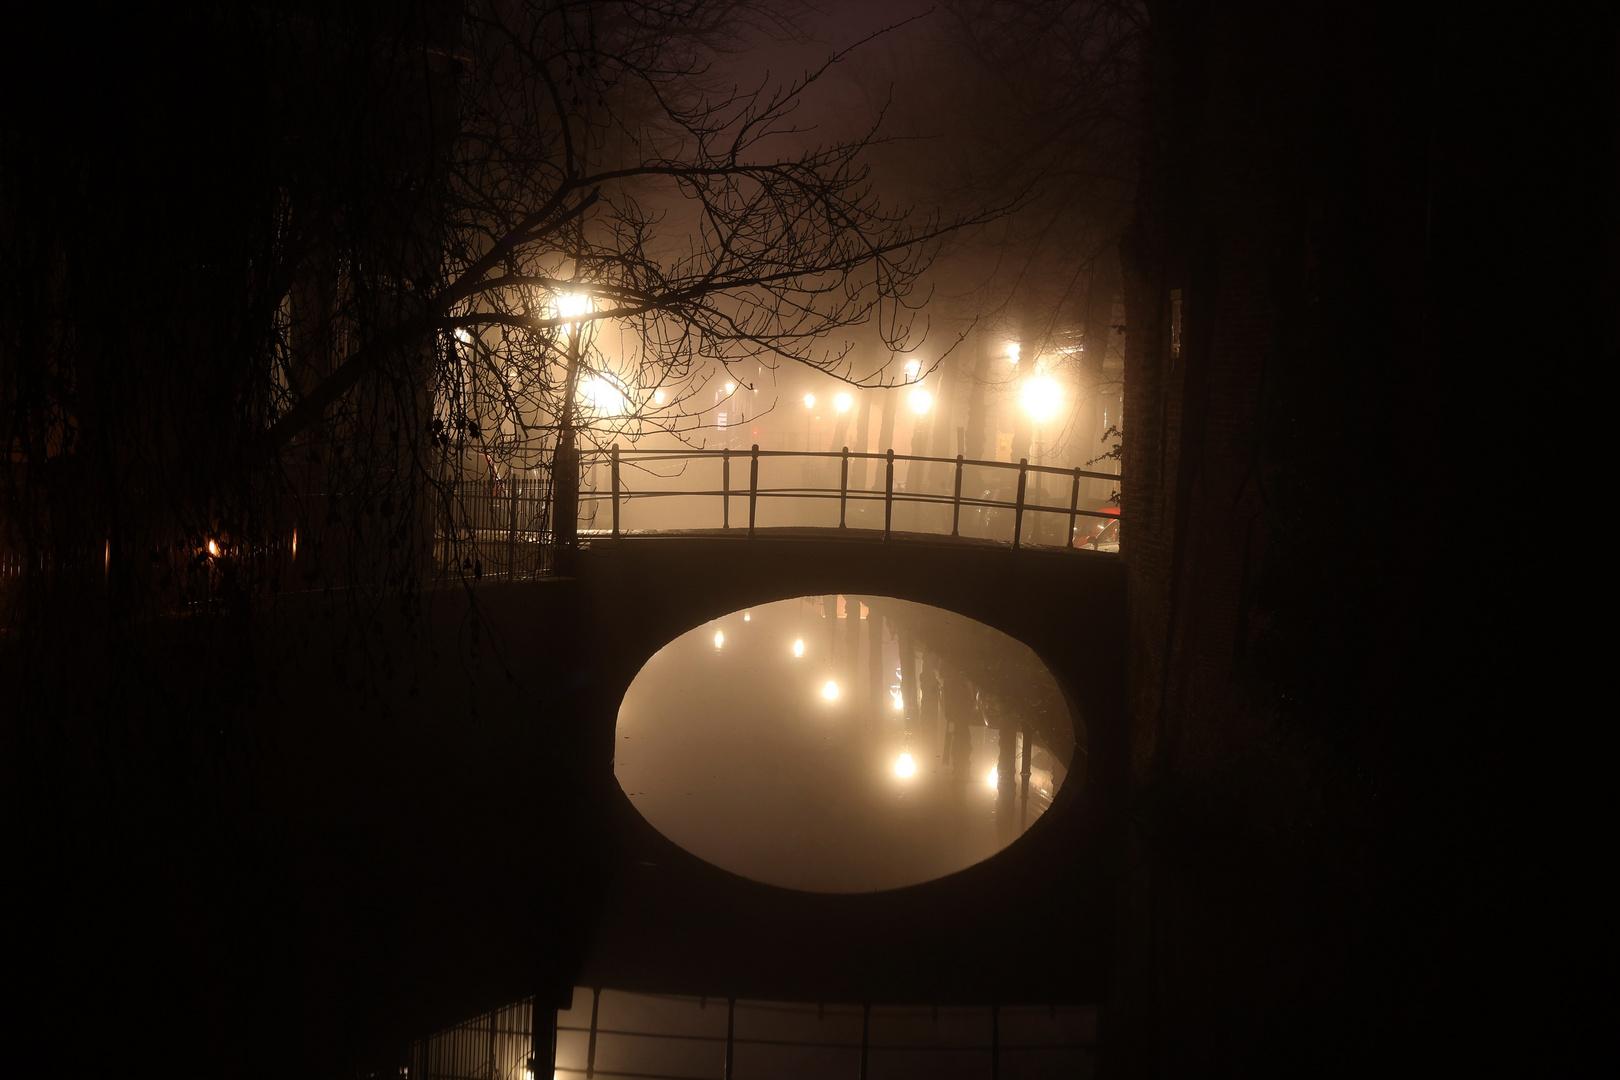 Nebelnacht in Amersfoort